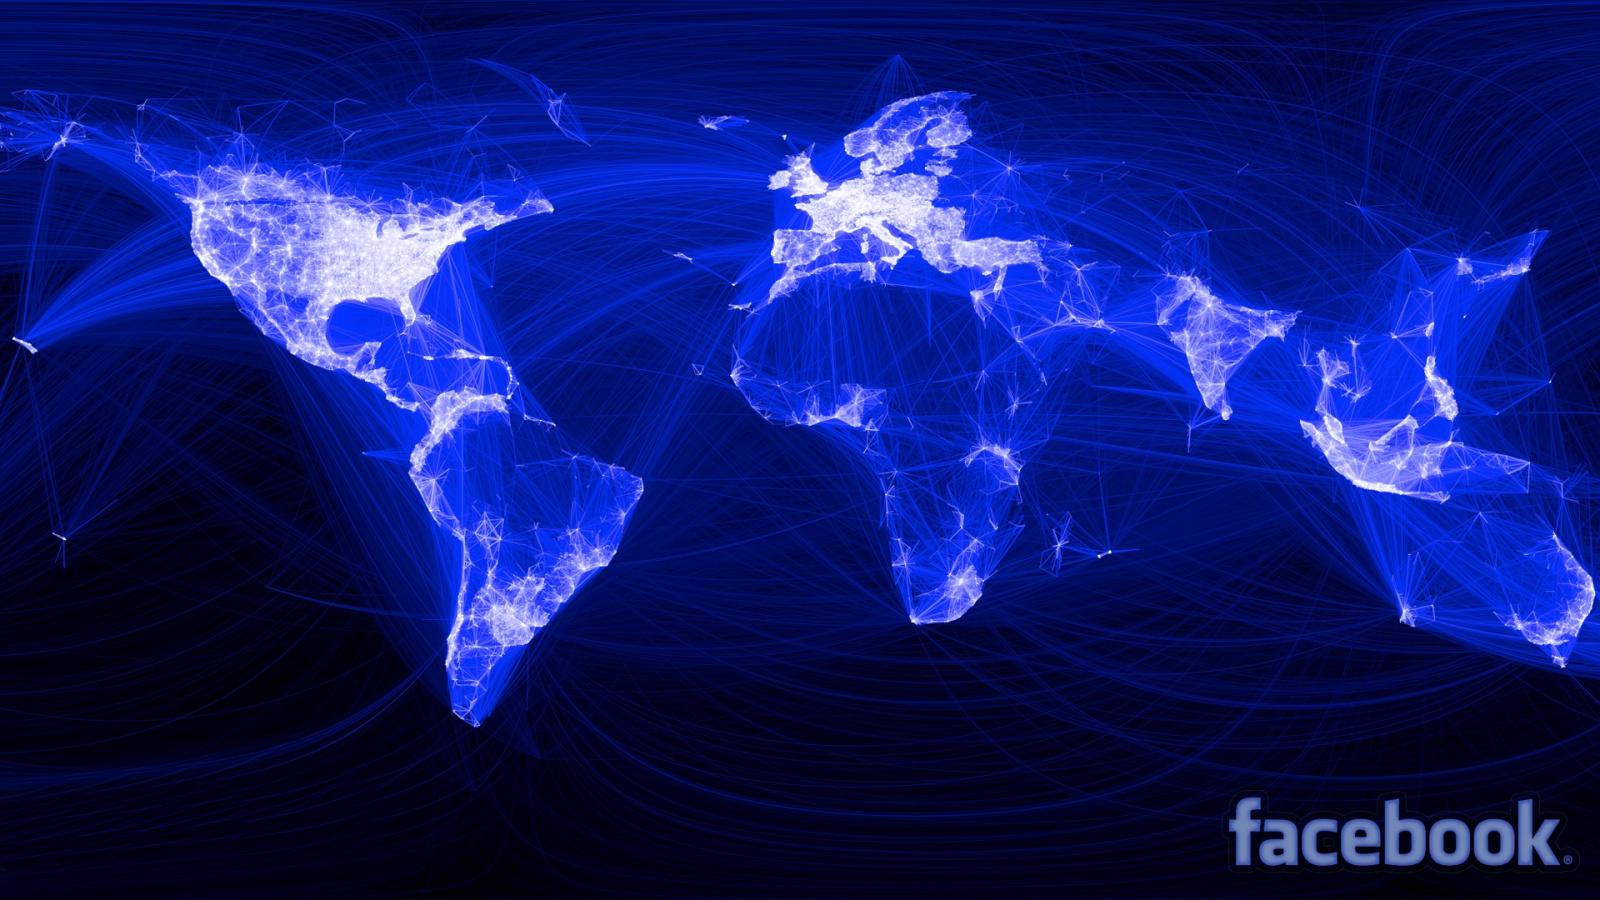 Papúa Nueva Guinea bloqueará a Facebook durante un mes